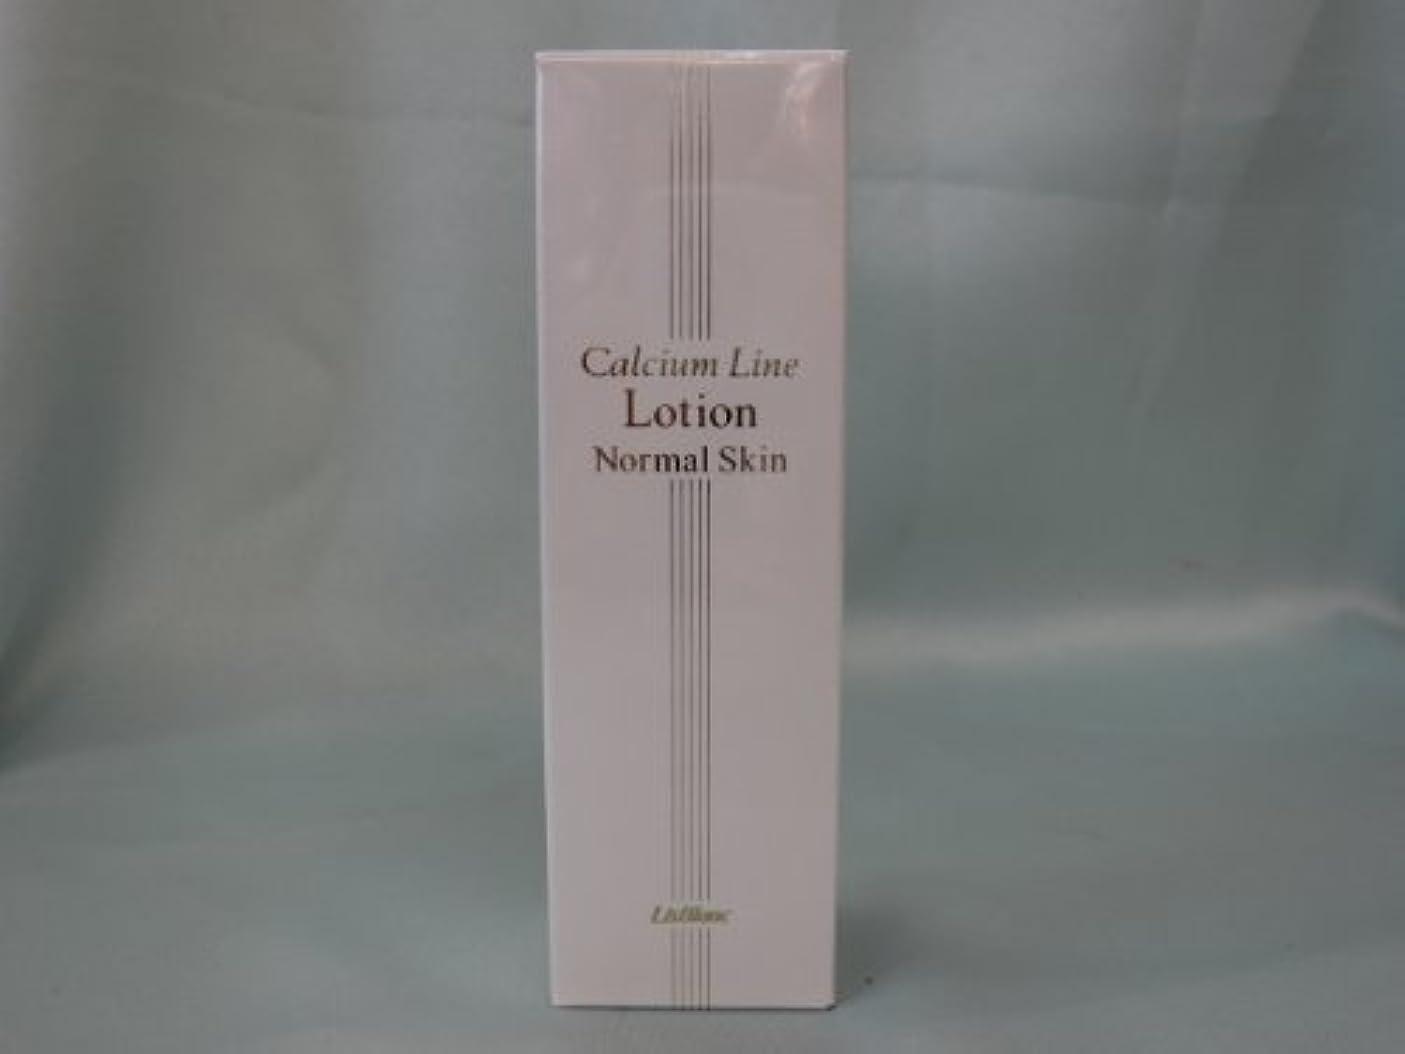 敬な治すランチョンリスブラン カルシウム薬用ローション 158mL ノーマルスキン用化粧水